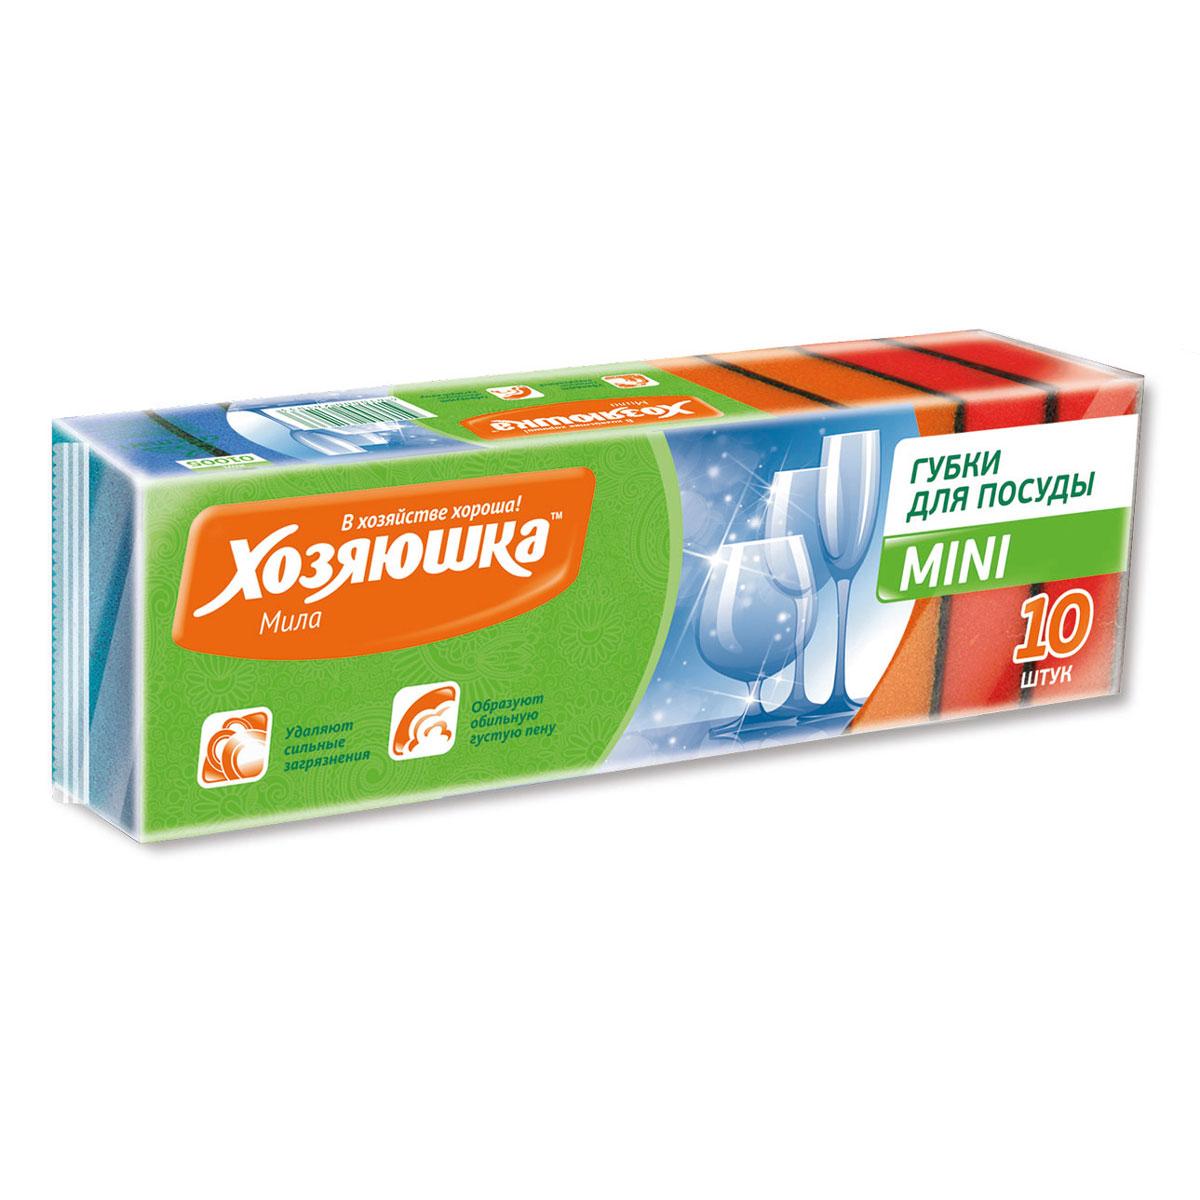 Набор губок для мытья посуды Хозяюшка Мила Mini, 10 шт531-105Набор Хозяюшка Мила Midi состоит из трех губок для мытья посуды, изготовленных из абразивного полимера и поролона. Они подходят для тефлоновых поверхностей, долговечны. Губки Хозяюшка Мила Midi обладают высокой прочностью и химической стойкостью. Размер губки: 7,5 х 4 х 2,5 см.